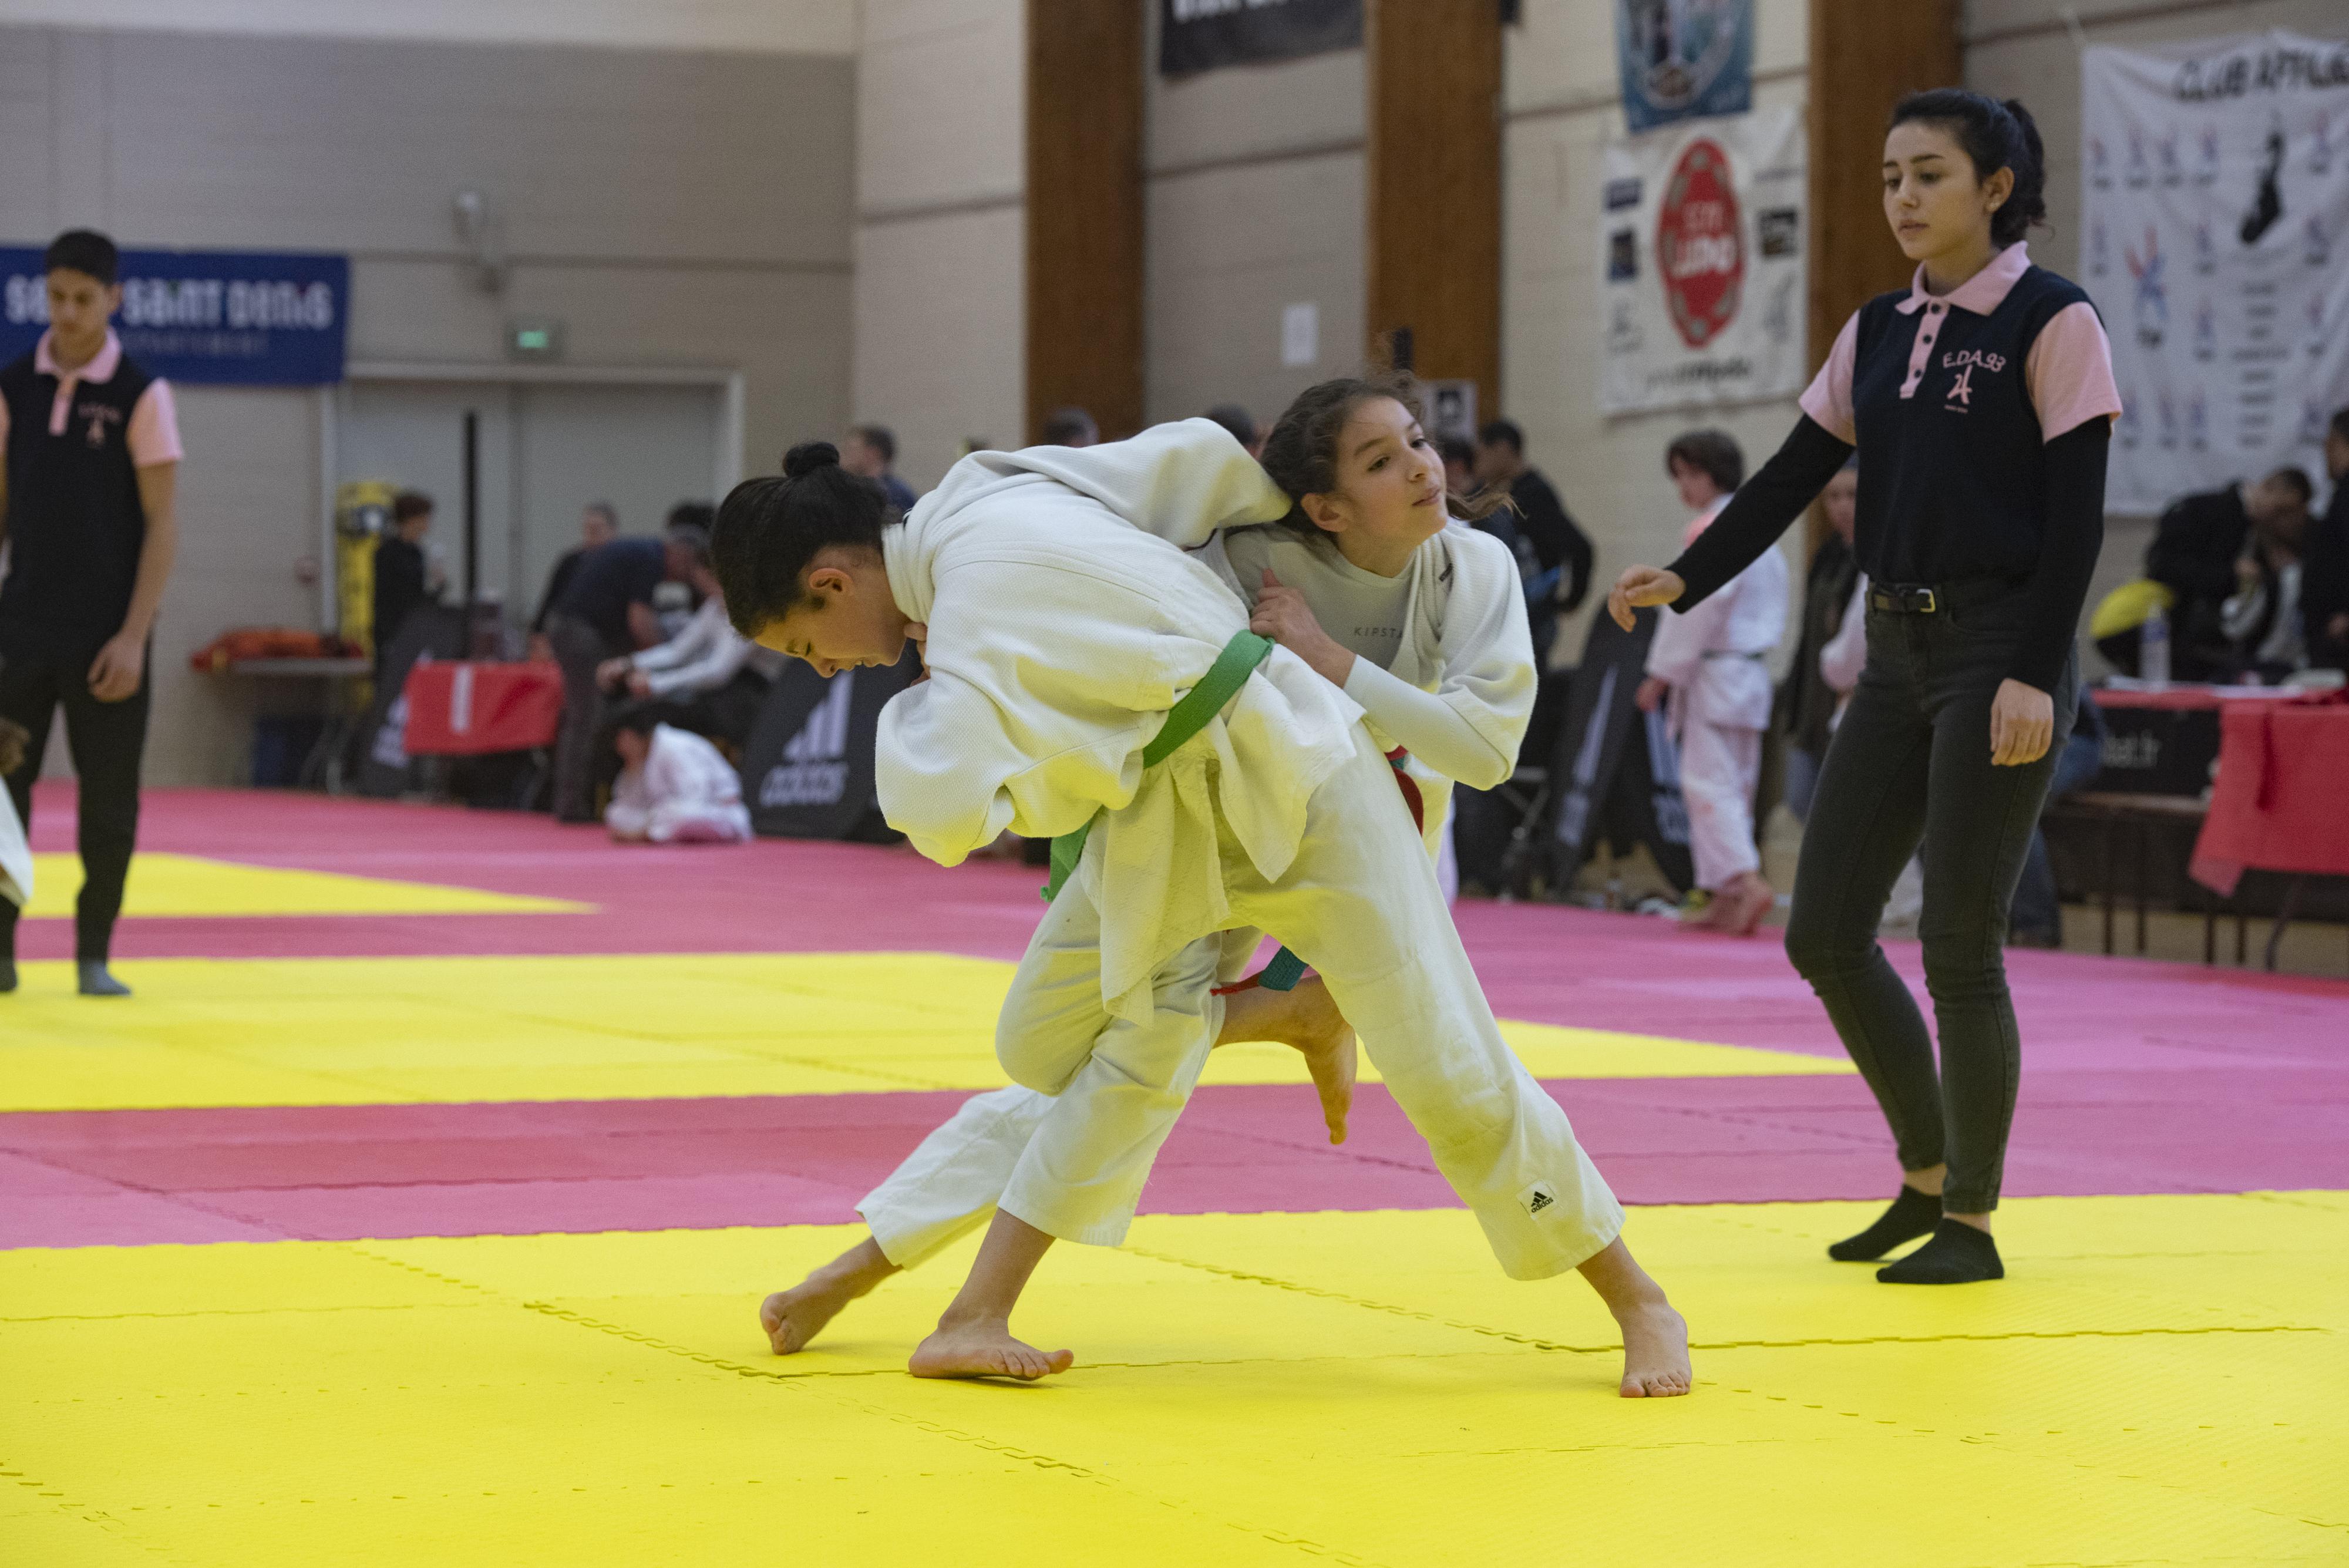 Compétition de judo Poussins-minimes gymnase Auguste Delaune, Montreuil